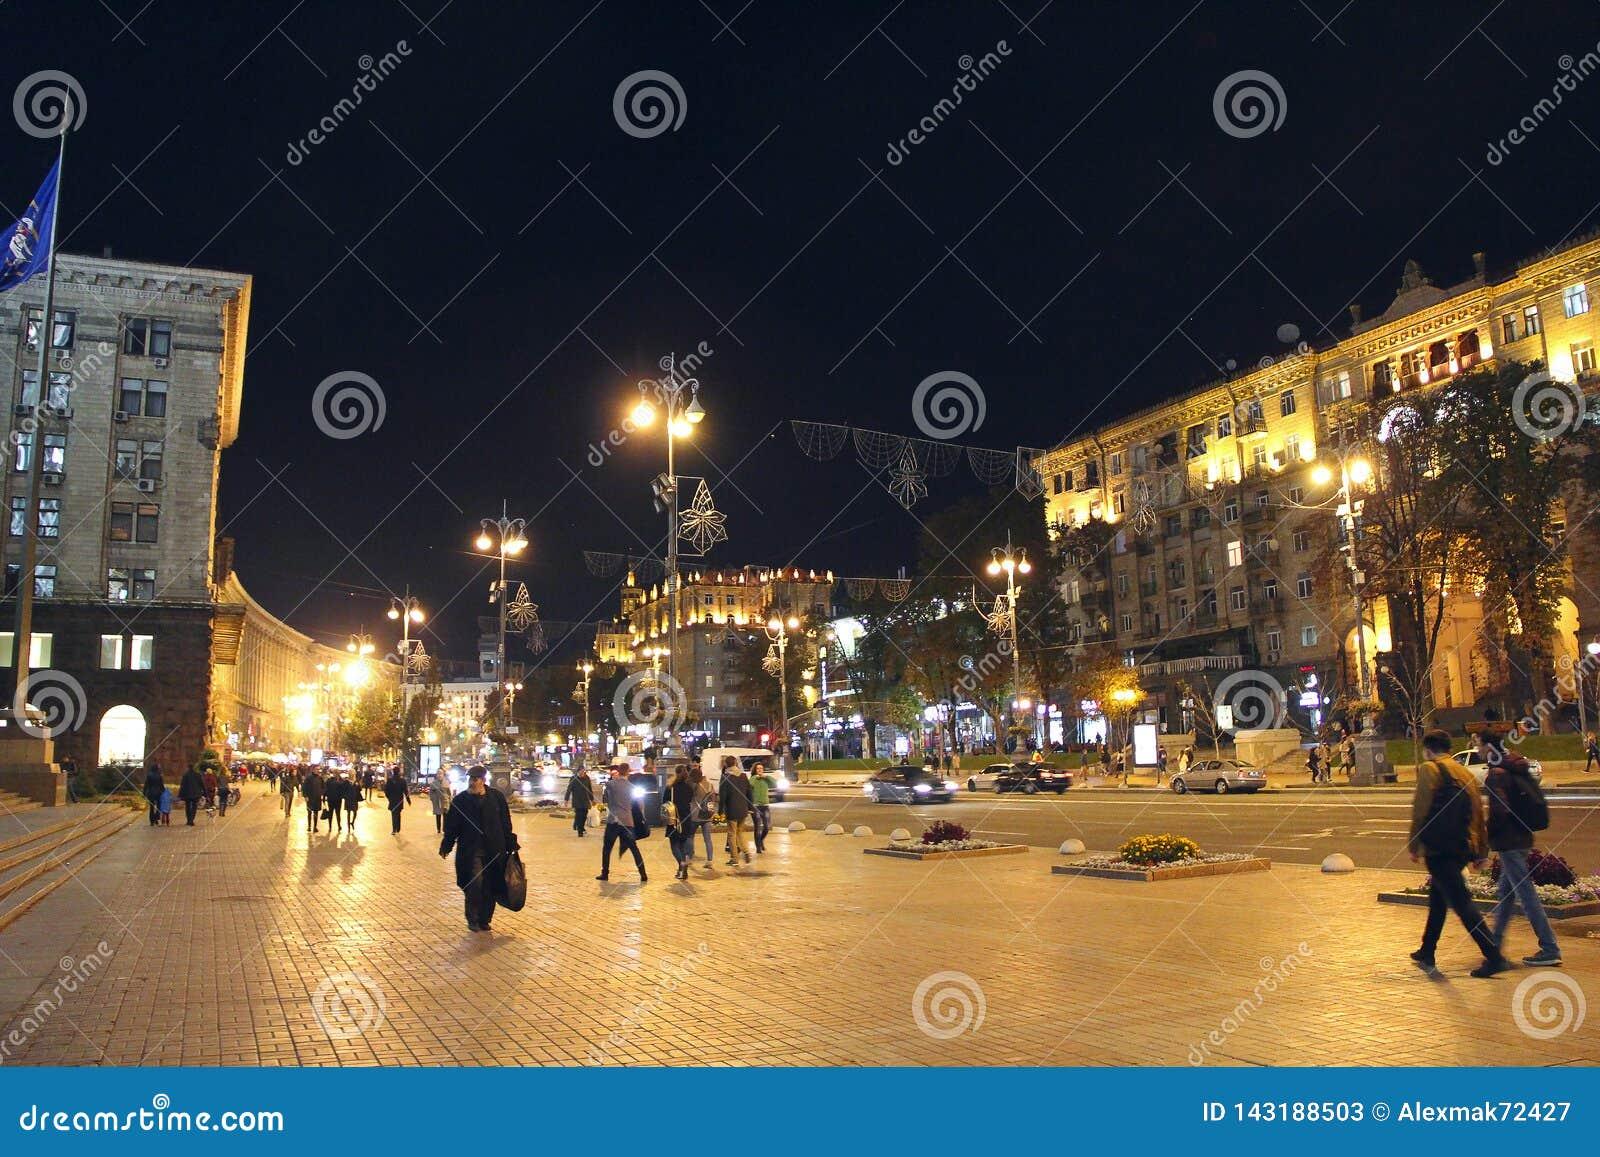 People walk on street Khreshchatyk. Main street of Ukraine in evening